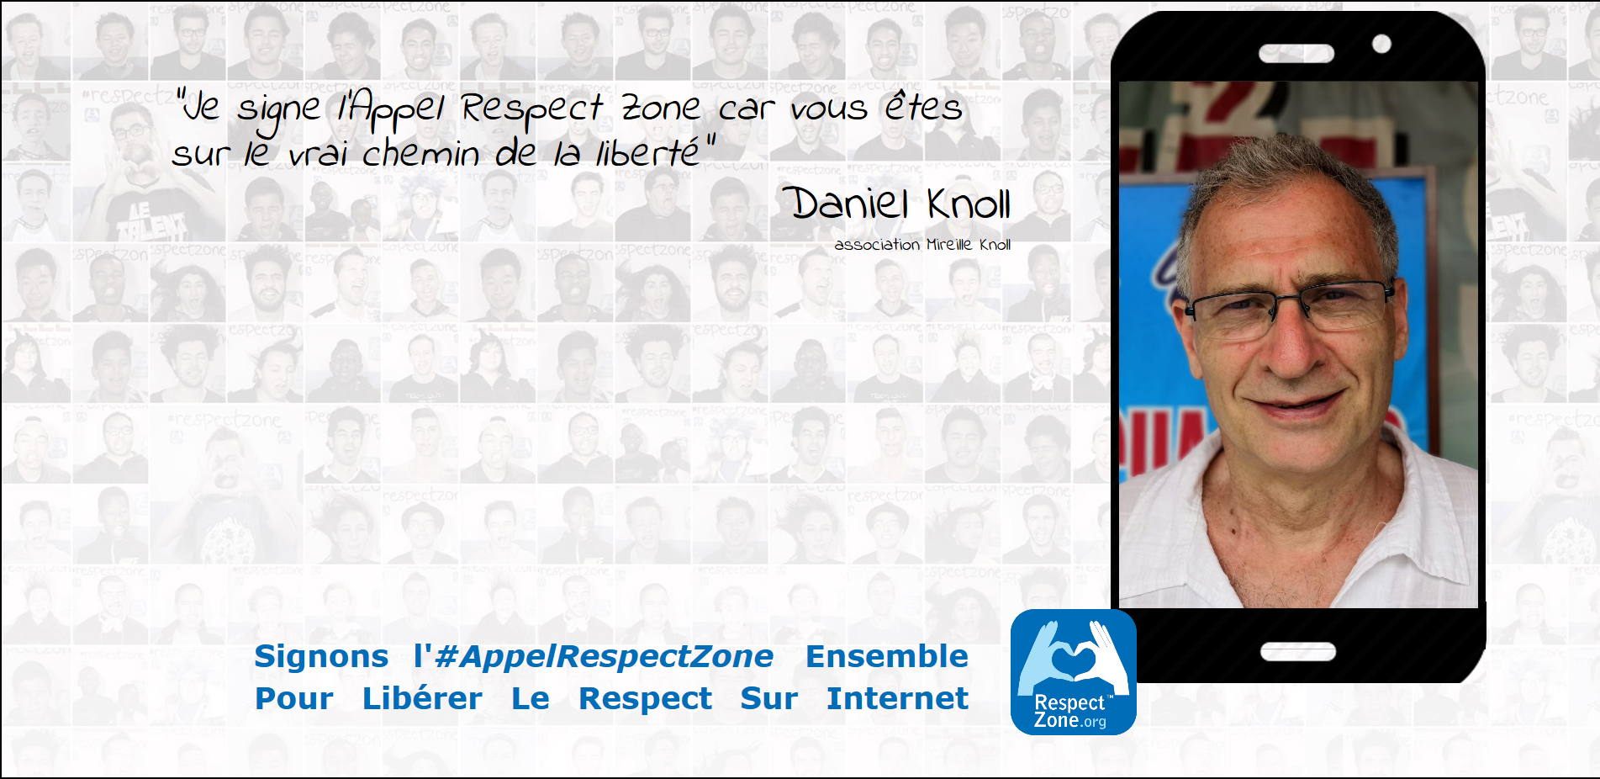 Daniel Knoll